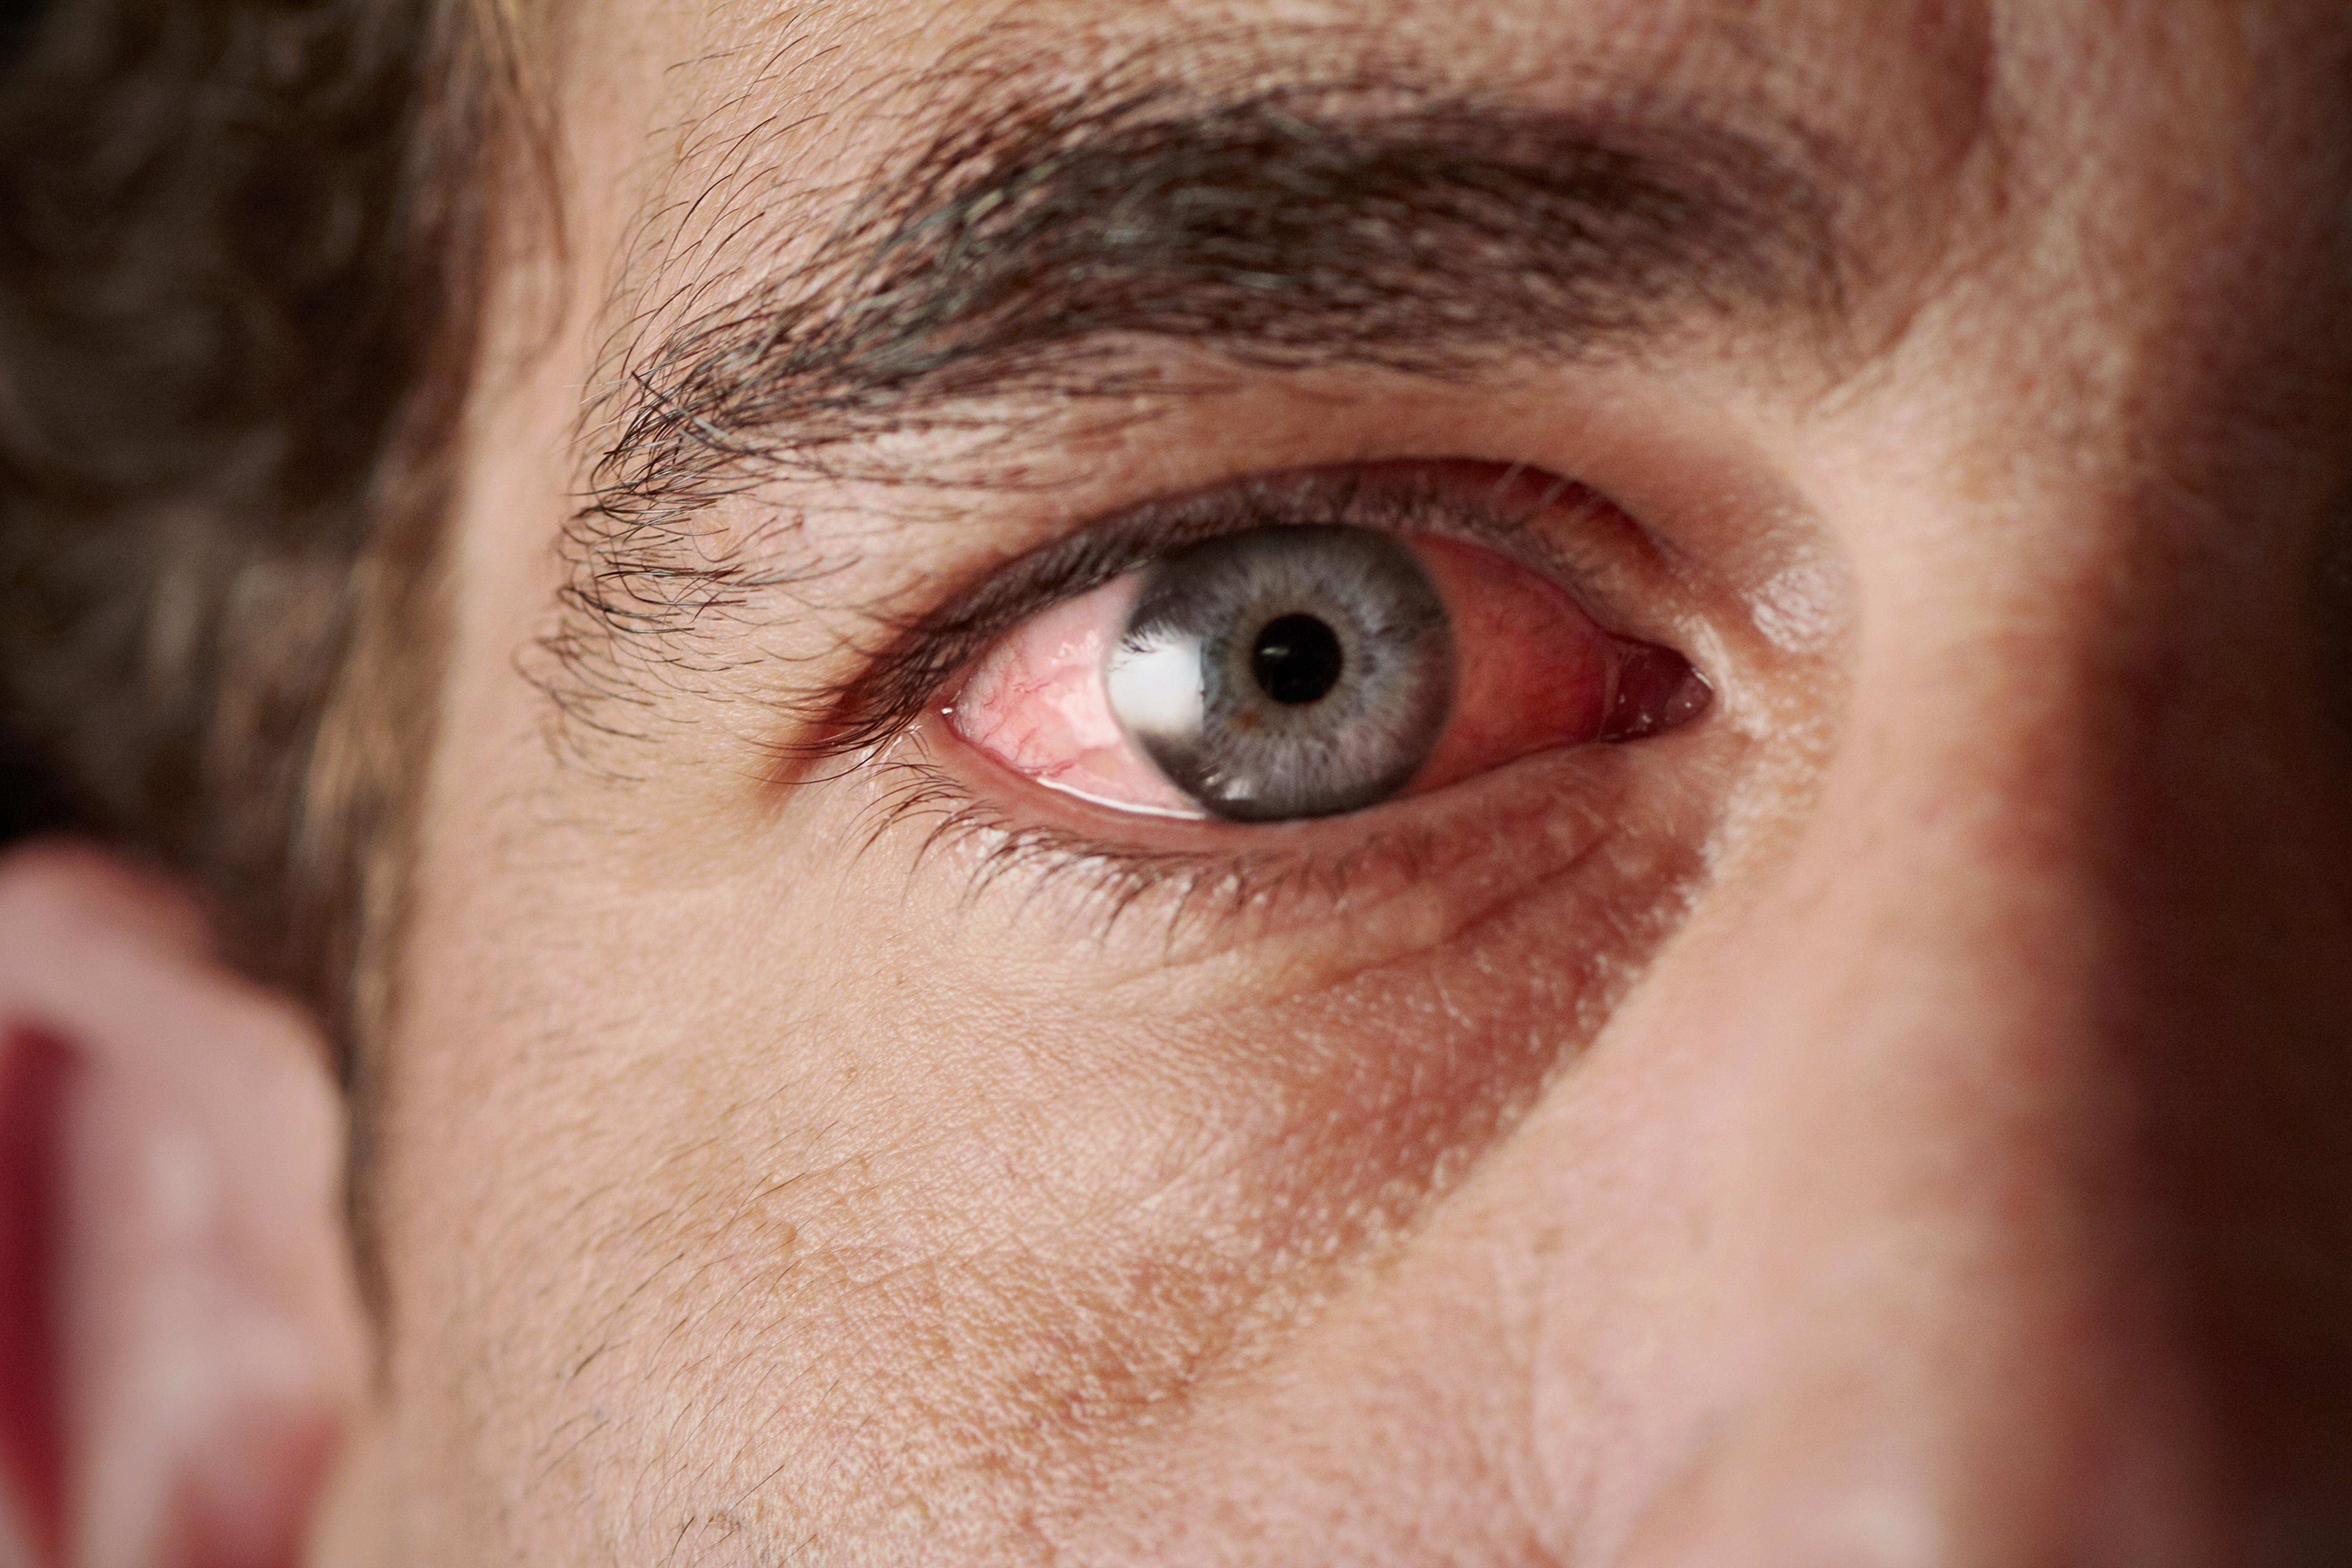 vörös foltok a szem alatt és pikkelyesek